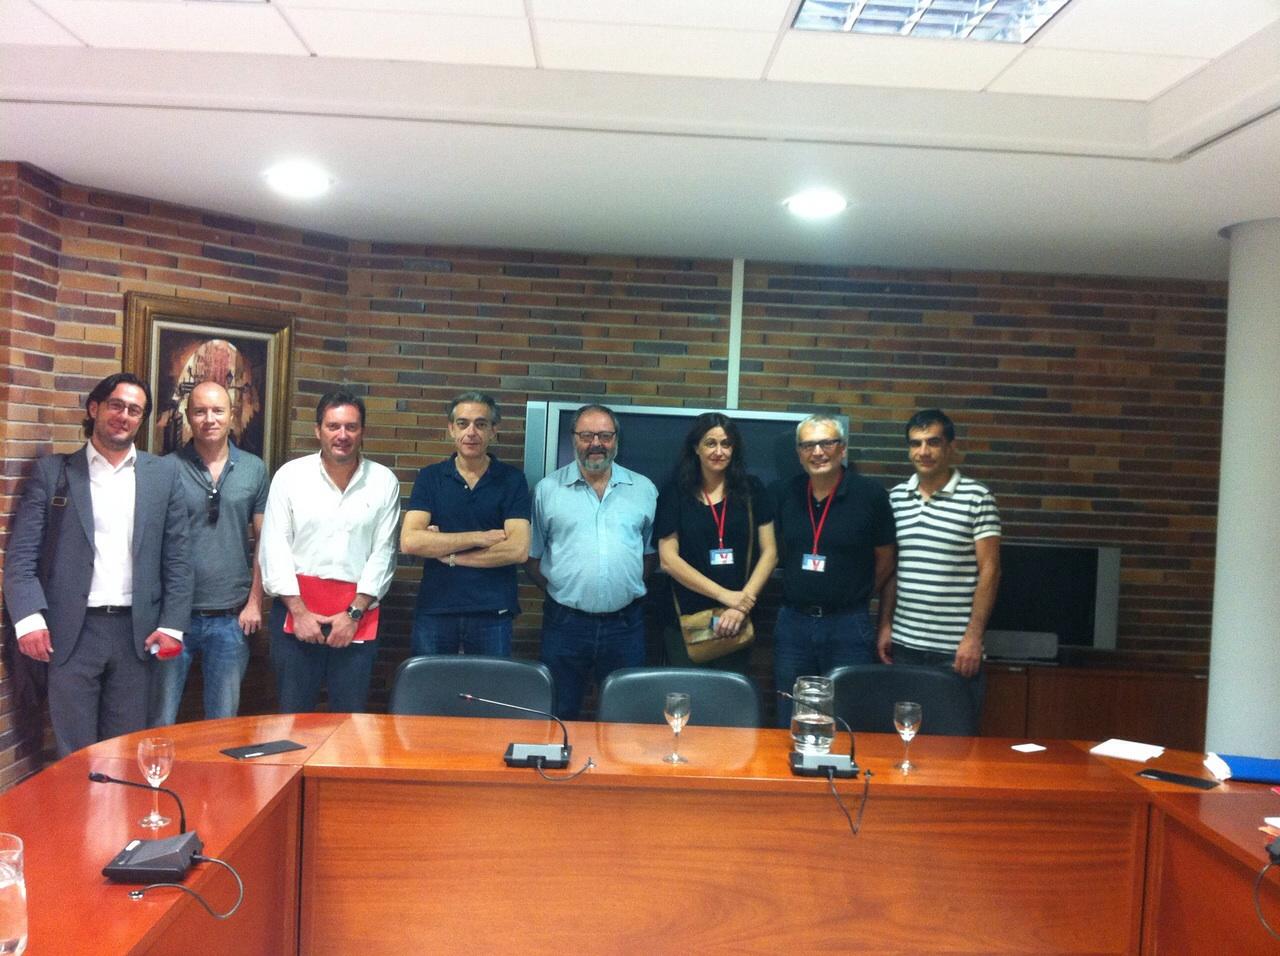 Miembros Plataforma y José Javier Barbero Gutiérrez. Delegado del Área de Gobierno de Salud, Seguridad y Emergencias